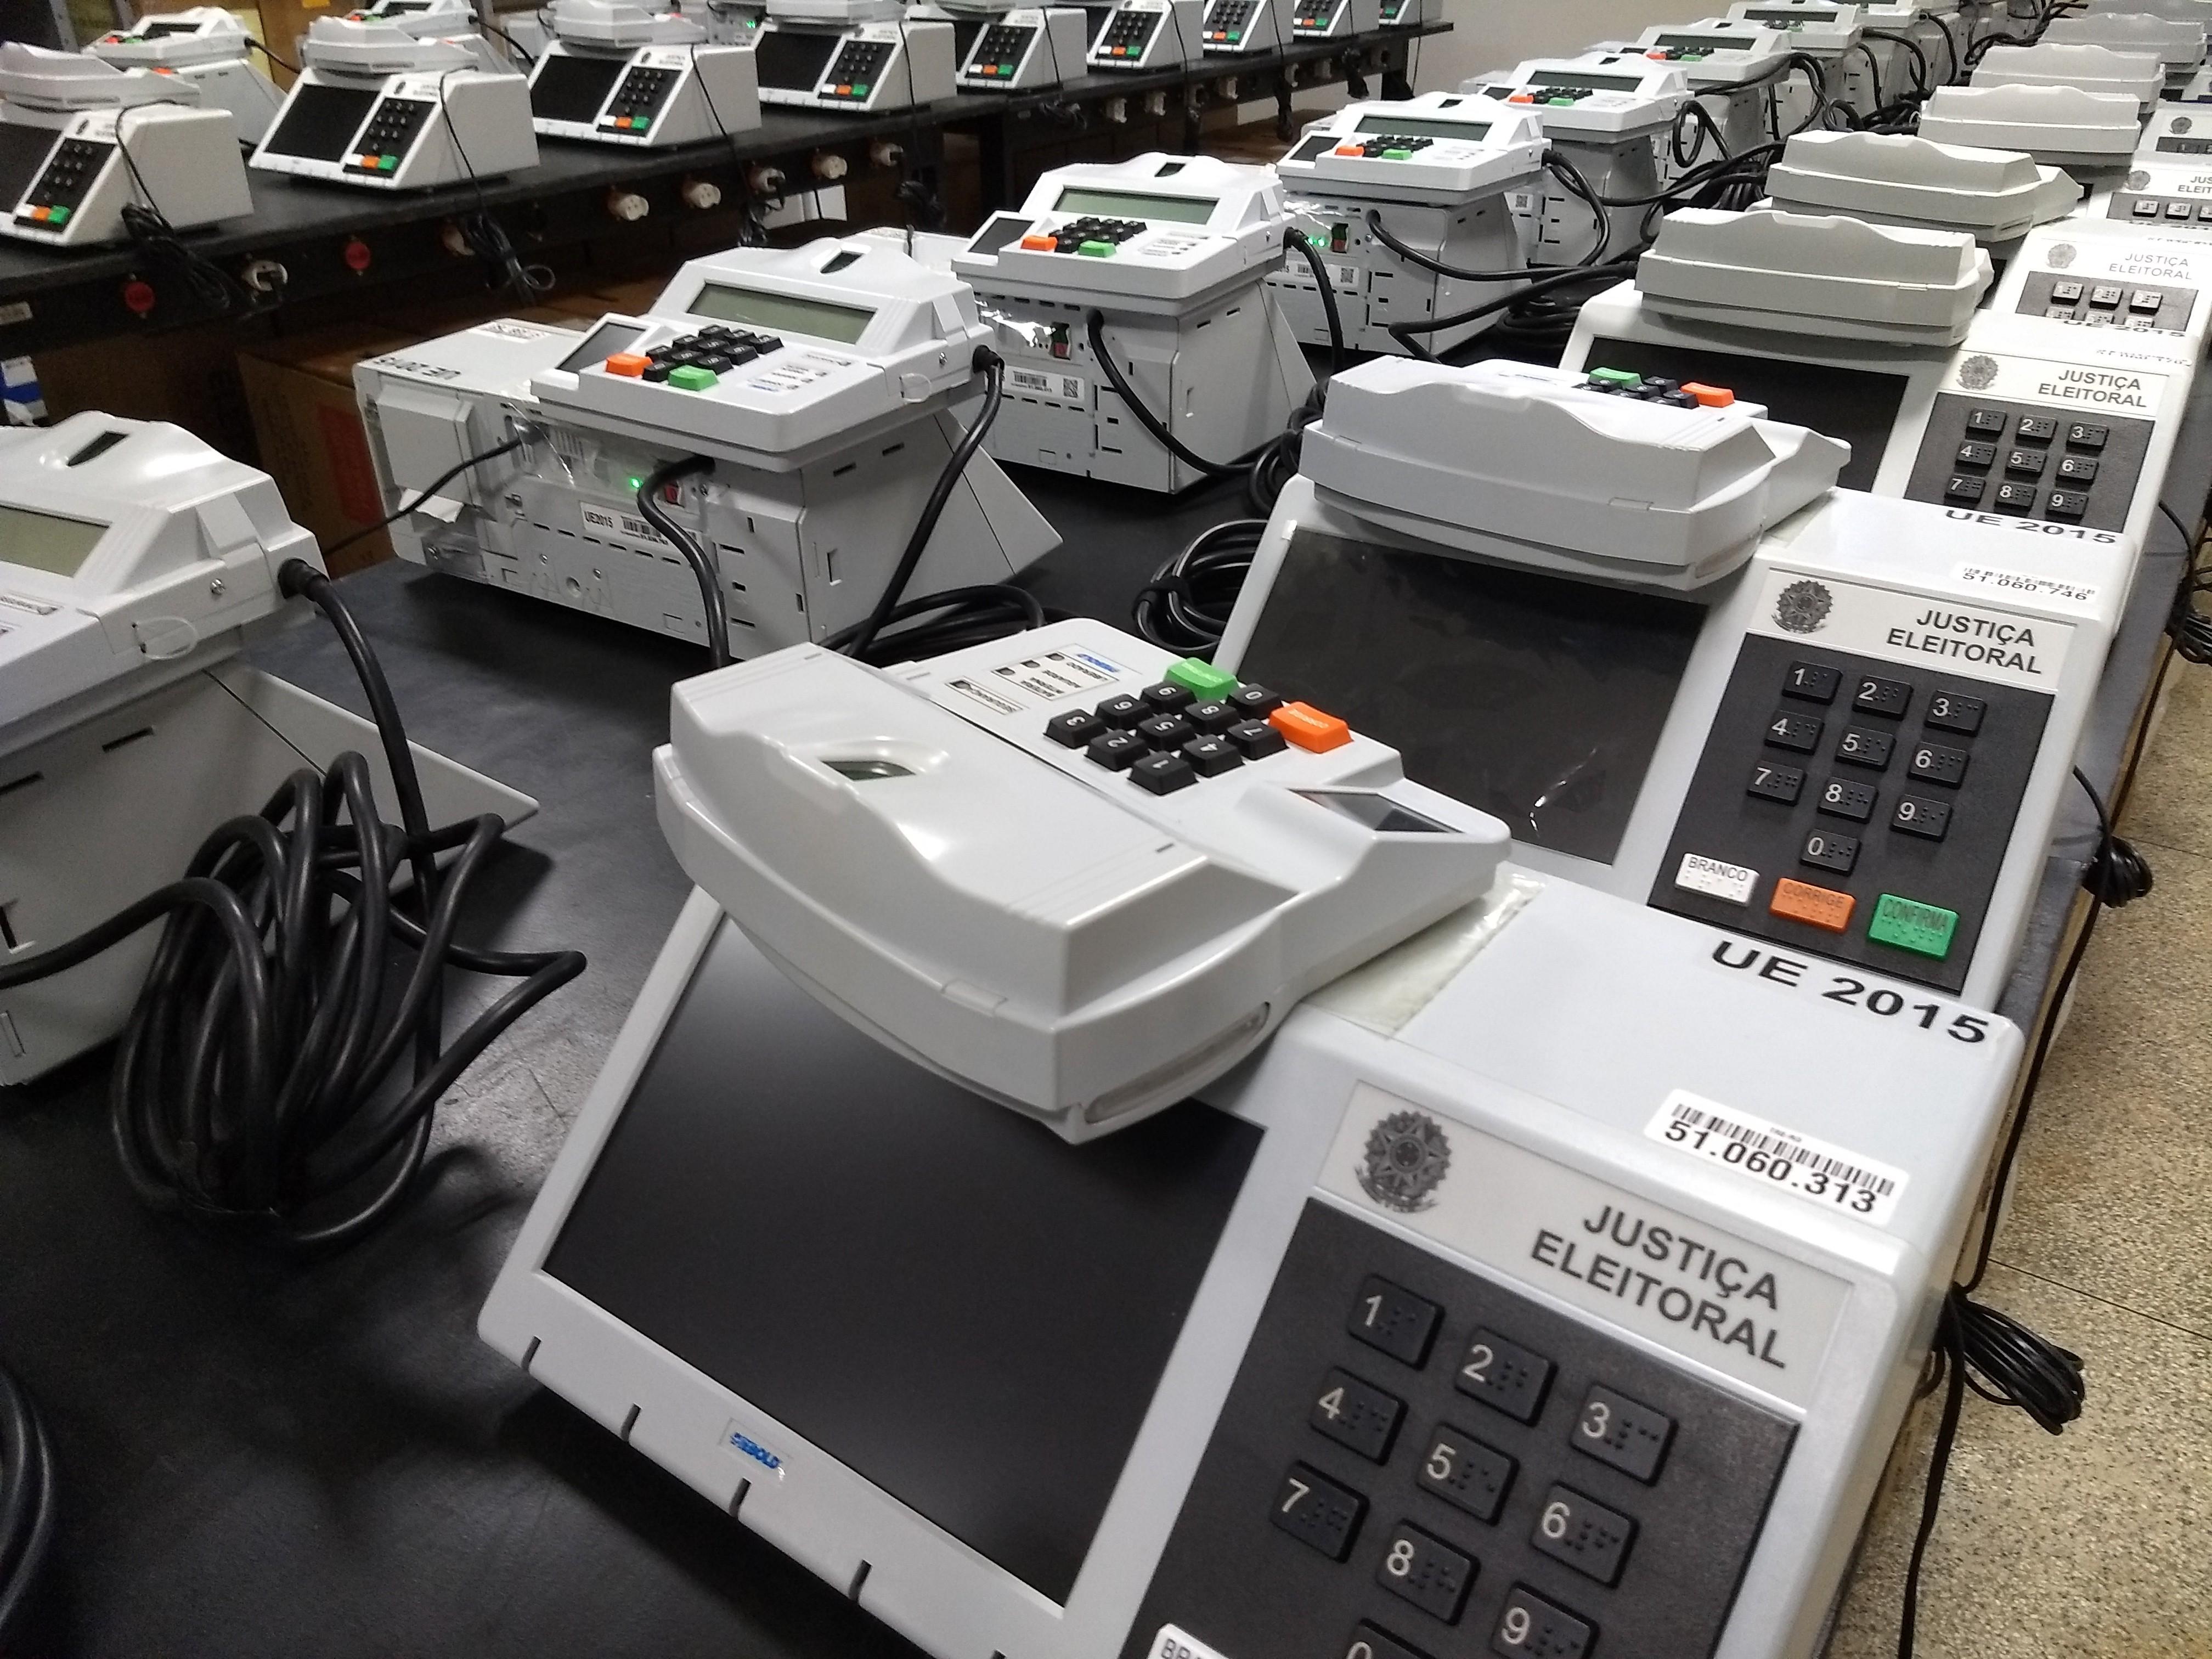 Eleição suplementar do município de São Francisco tem data definida pelo TRE-SE - Notícias - Plantão Diário